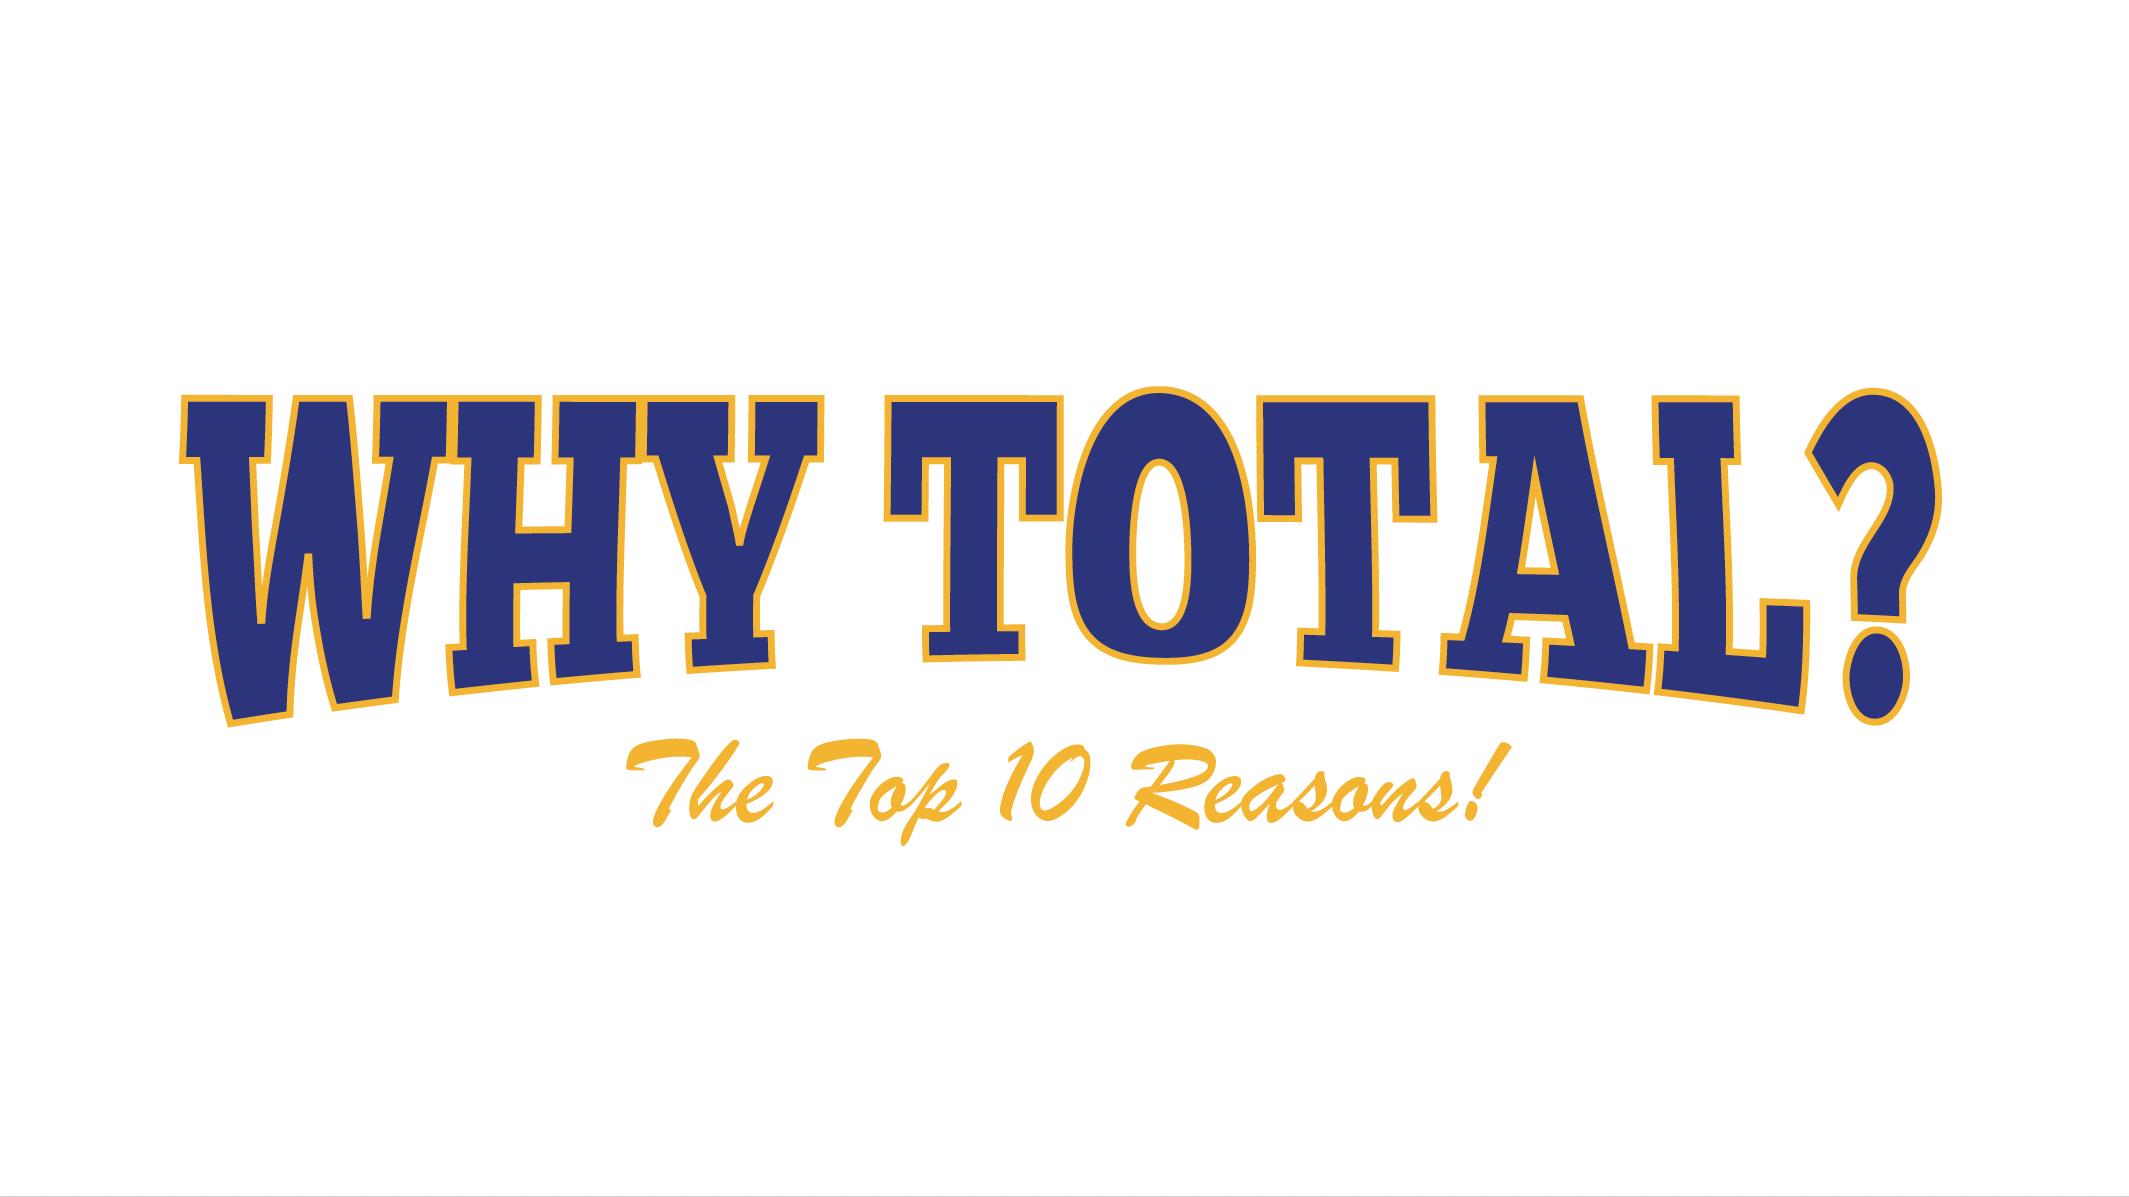 Total Top 10